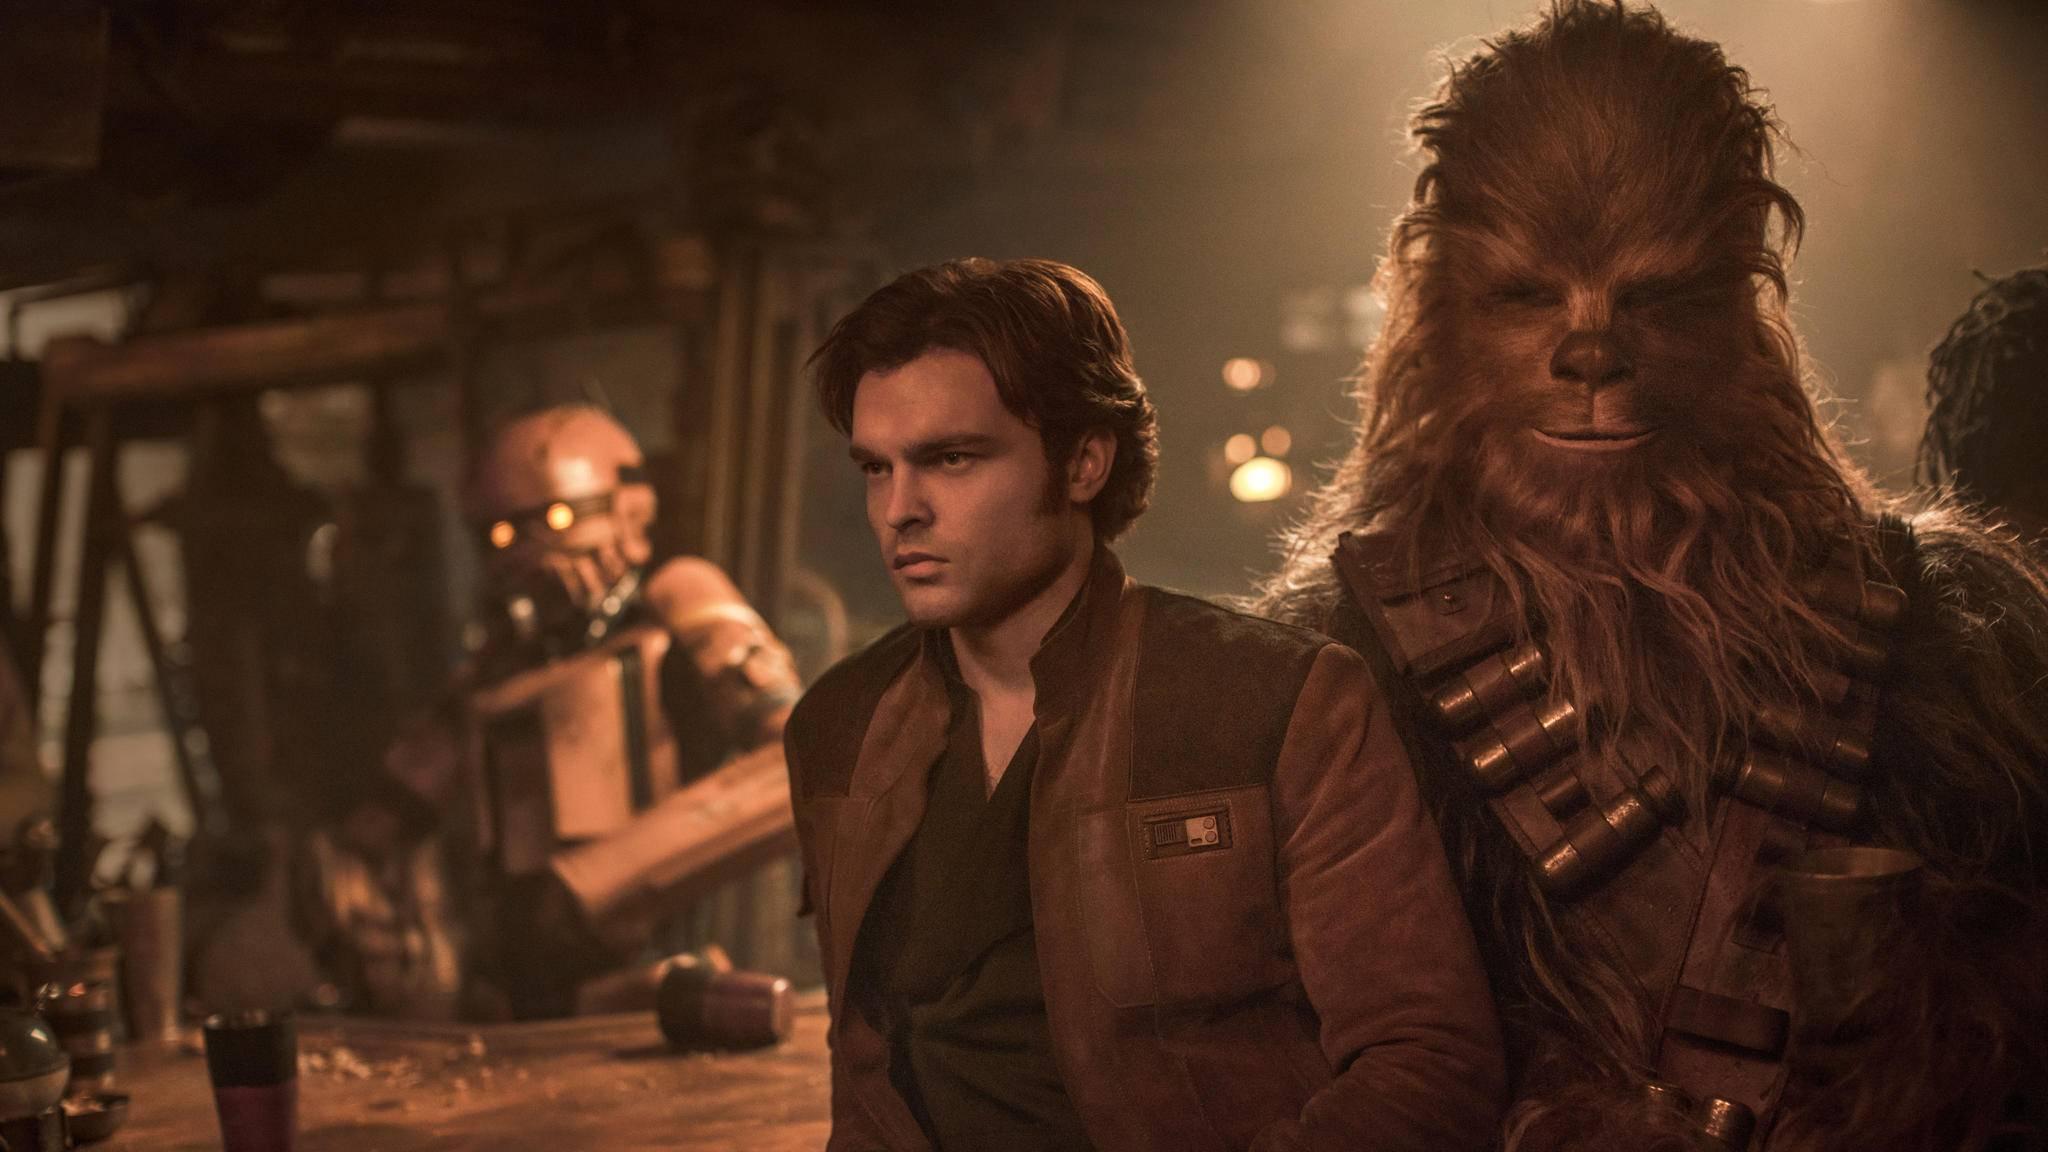 """Gar nicht so schlecht, wie zunächst gedacht: Die Reaktionen zu """"Solo: A Star Wars Story""""."""